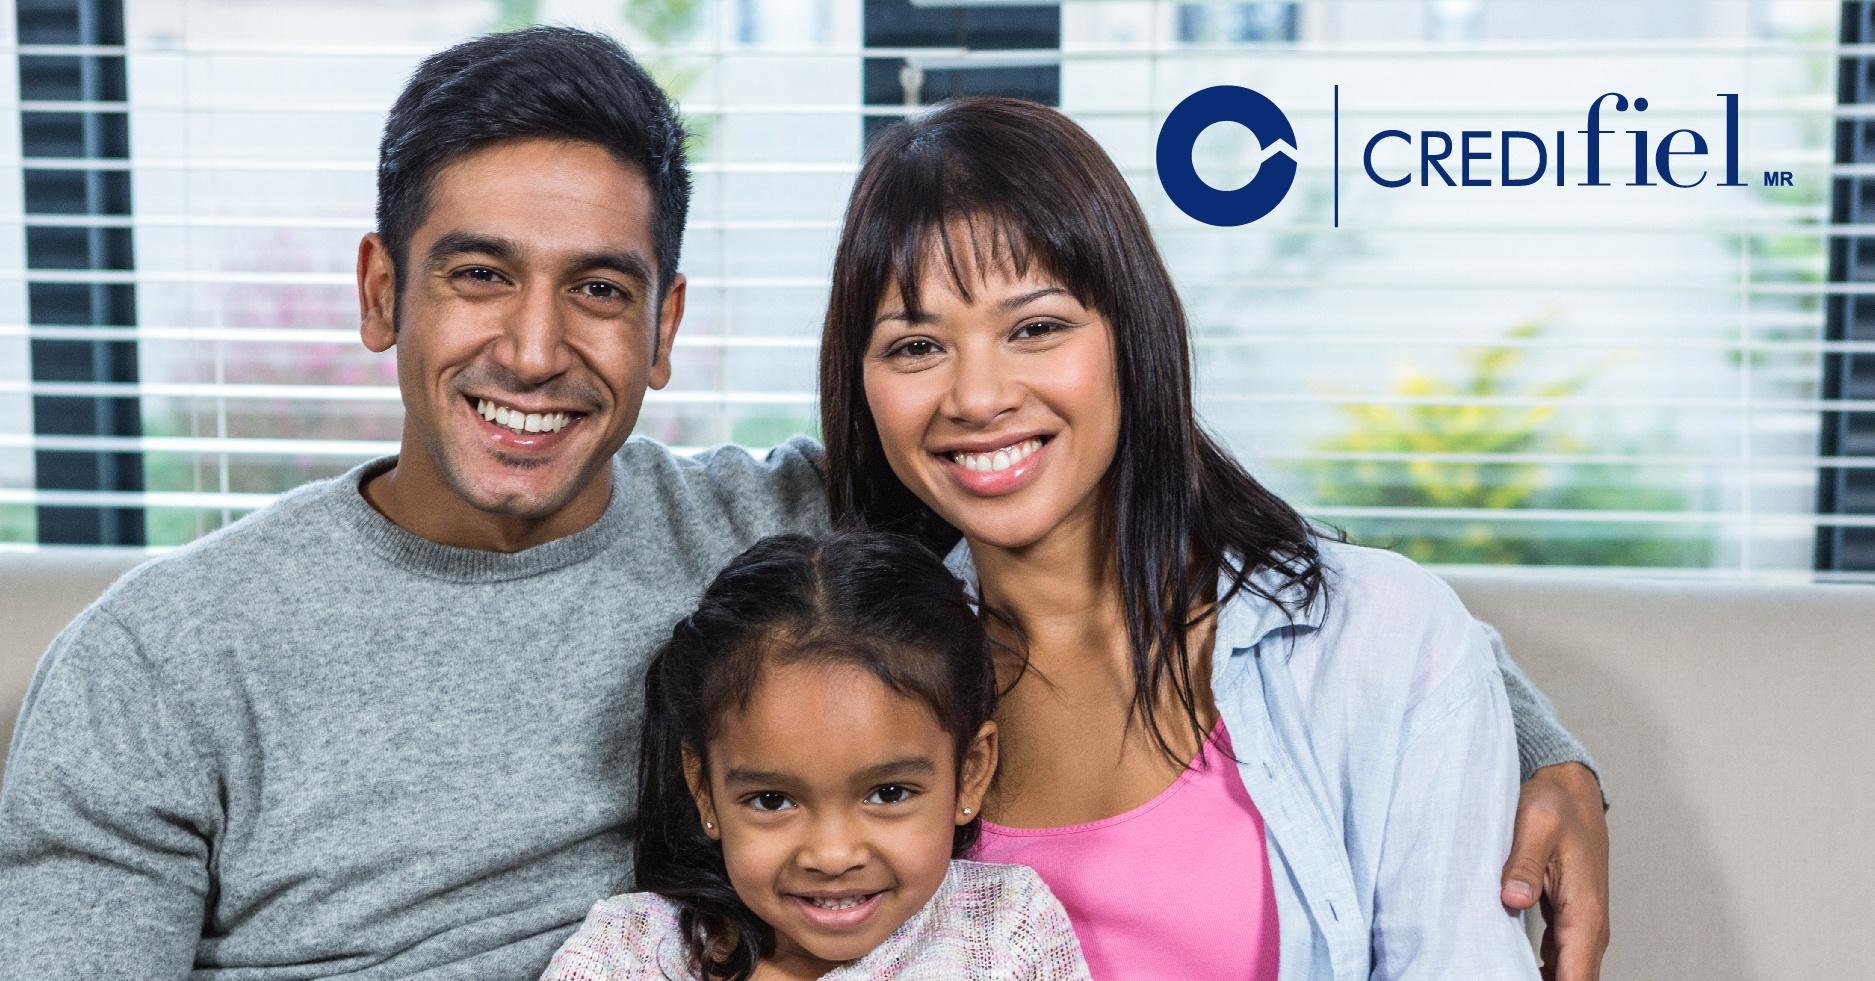 art-06-Por-que-un-credito-contribuye-a-elevar-tu-calidad-de-vida